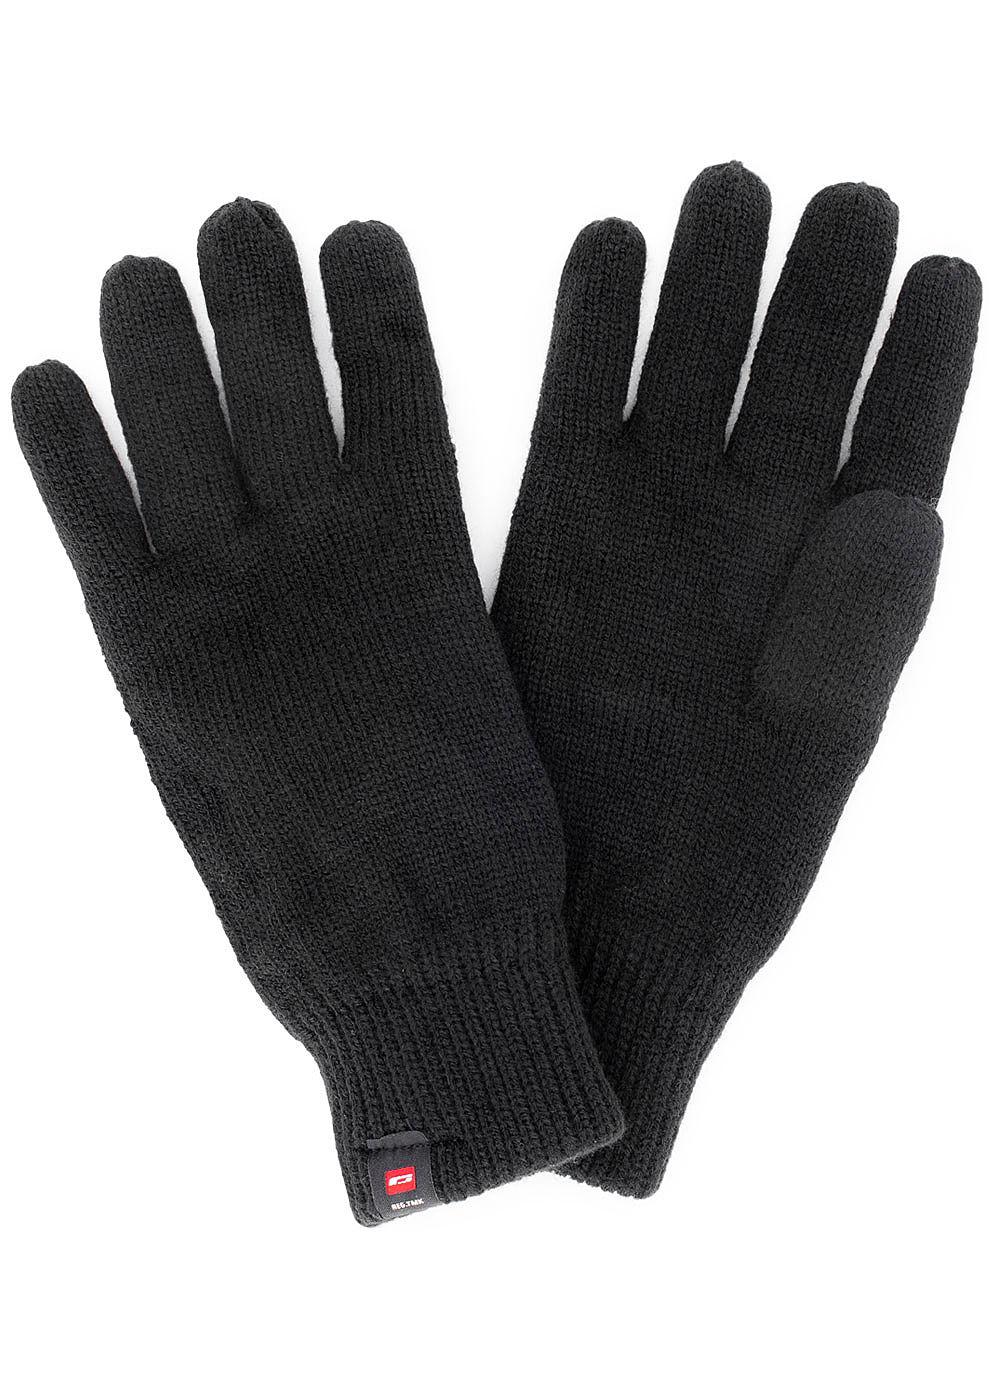 021f6238bd32bf Jack and Jones Herren Strick Handschuhe mit Fleece schwarz ...